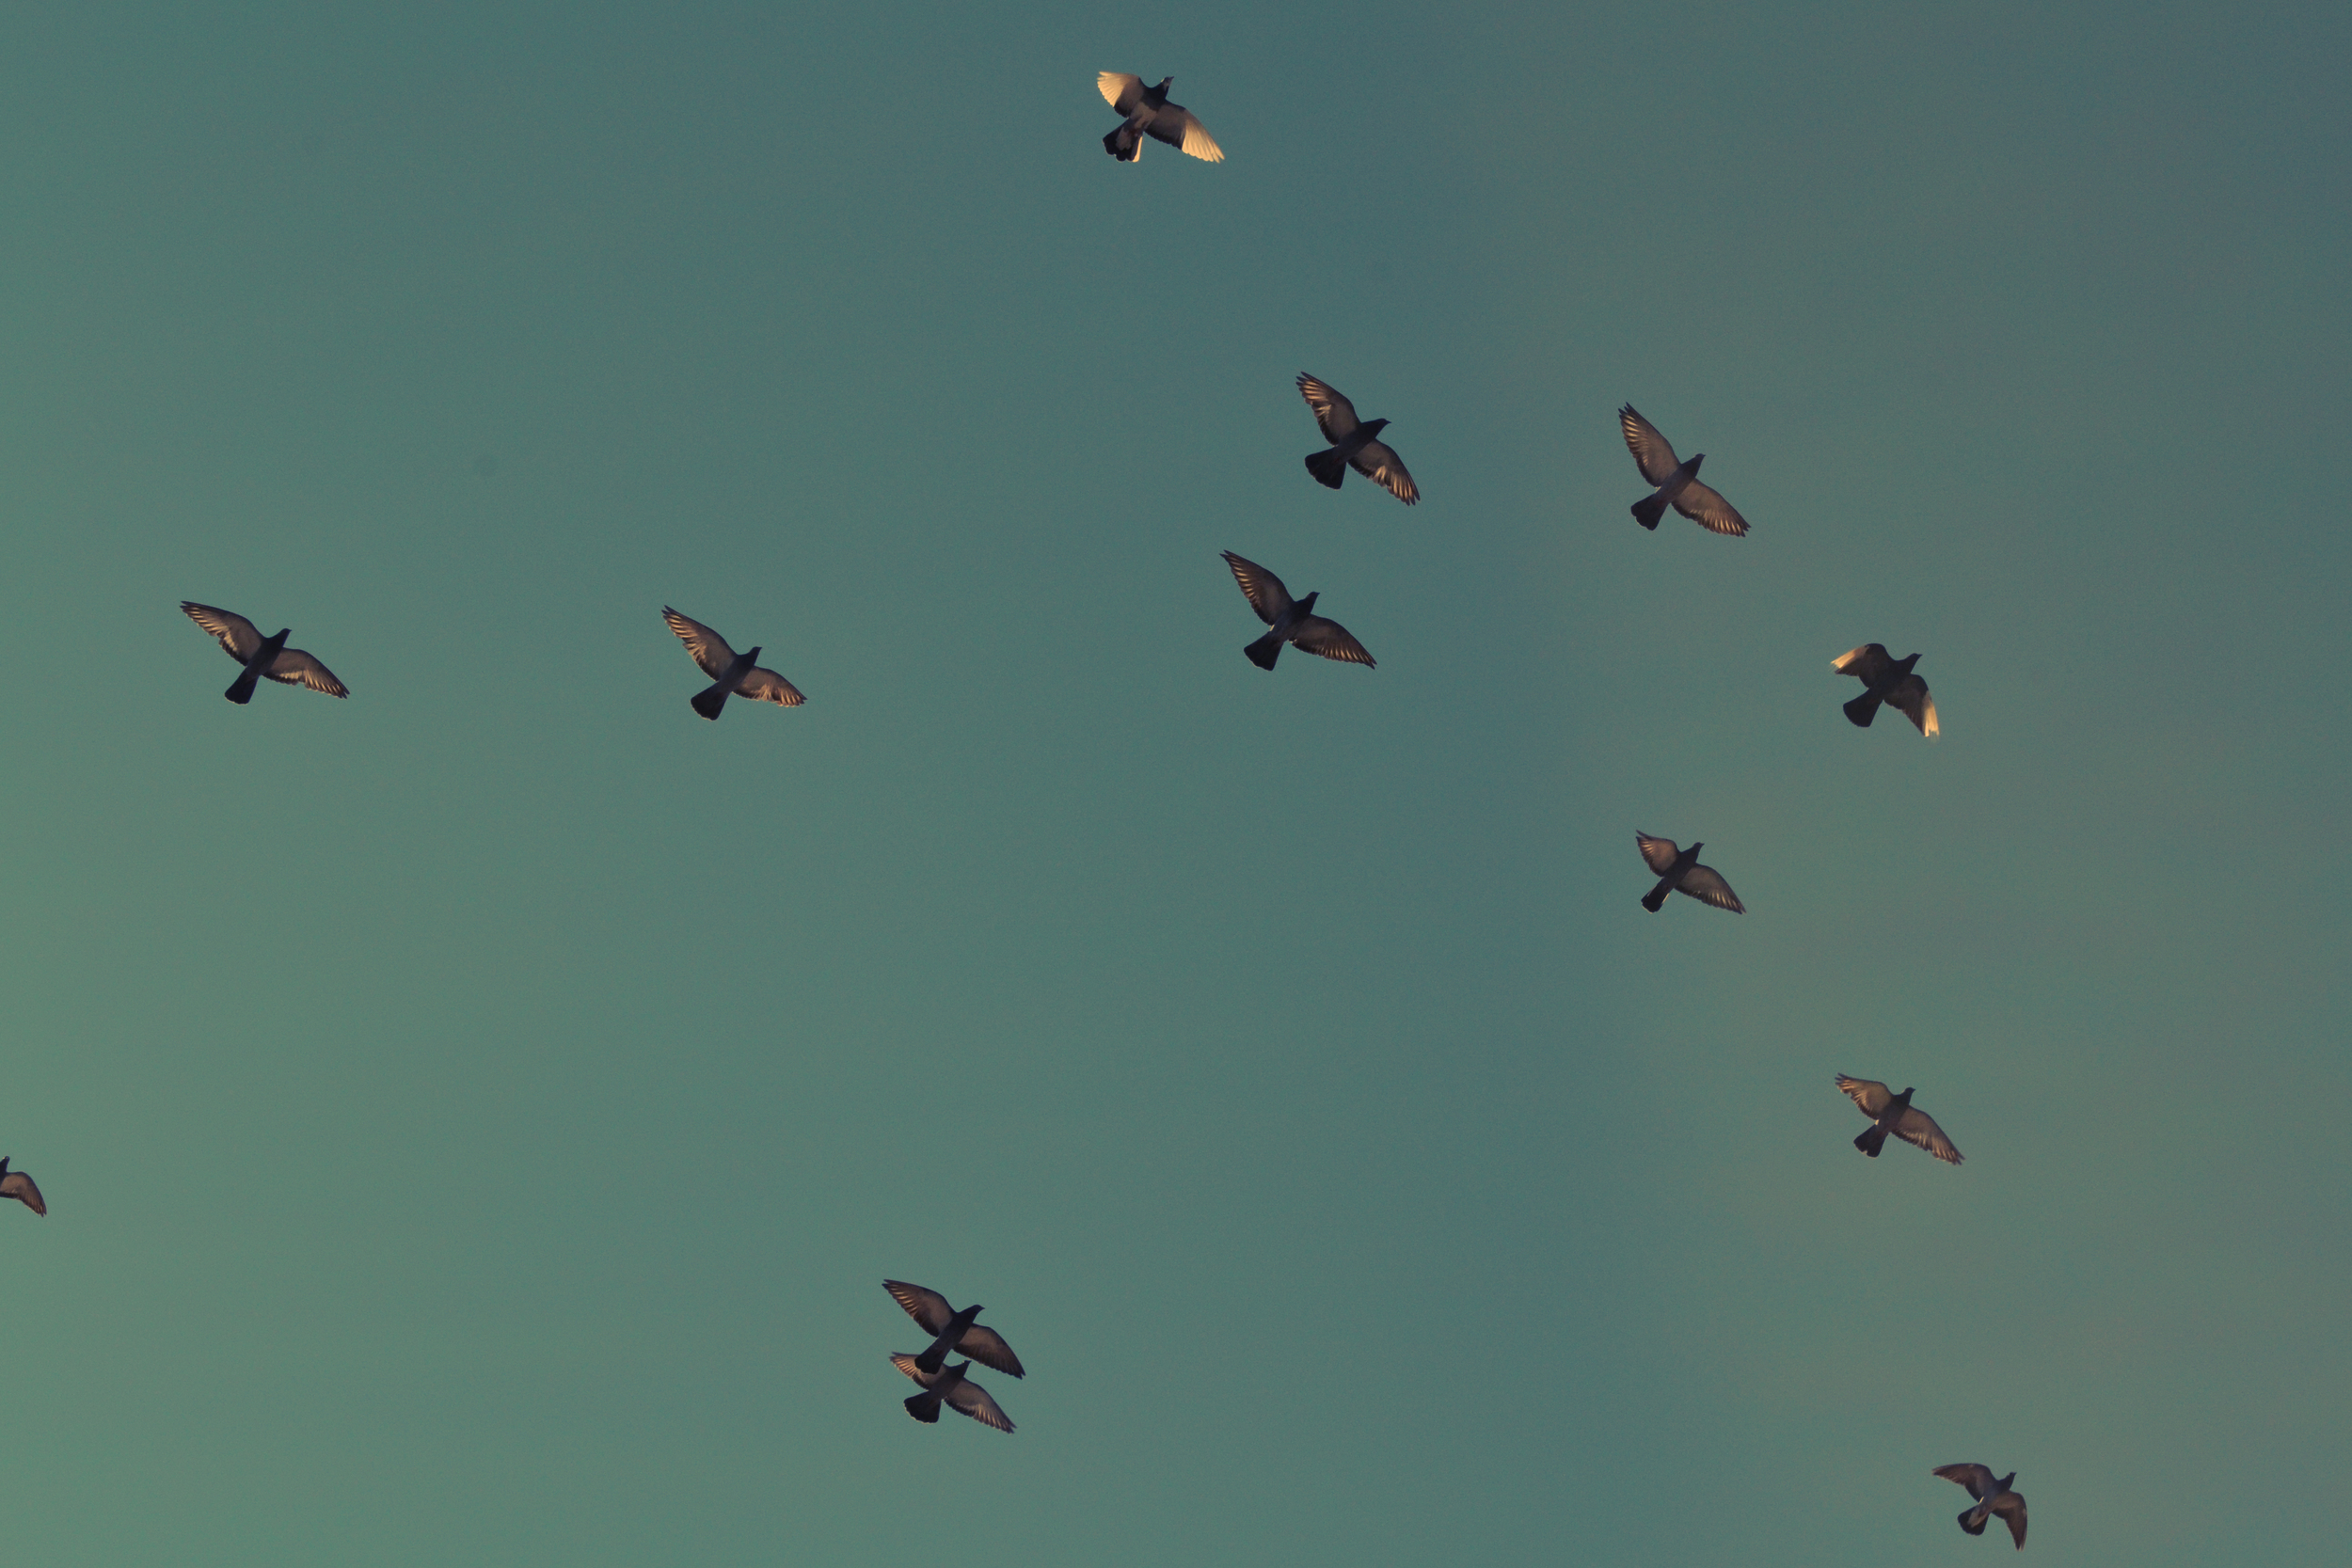 US5hzQnuTLSP9A2nSj4I_Birds.jpg